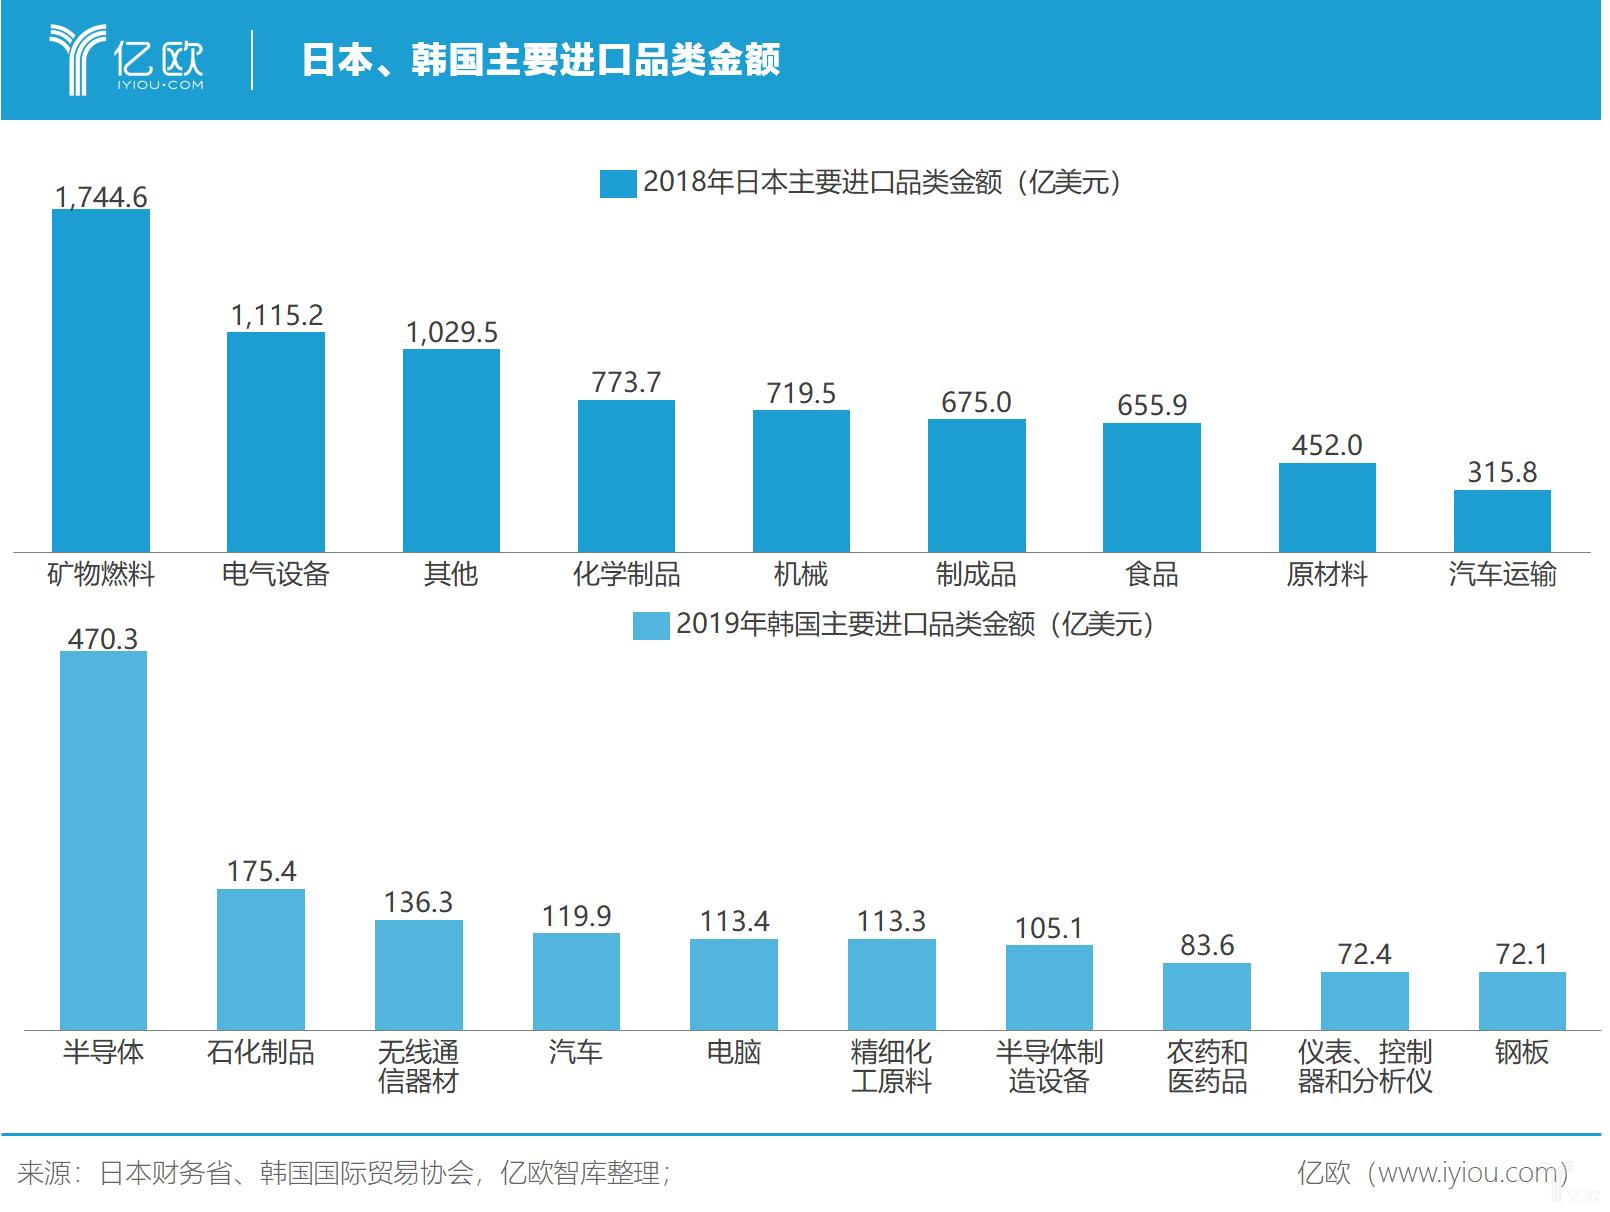 億歐智庫:日韩主要进口品类金额